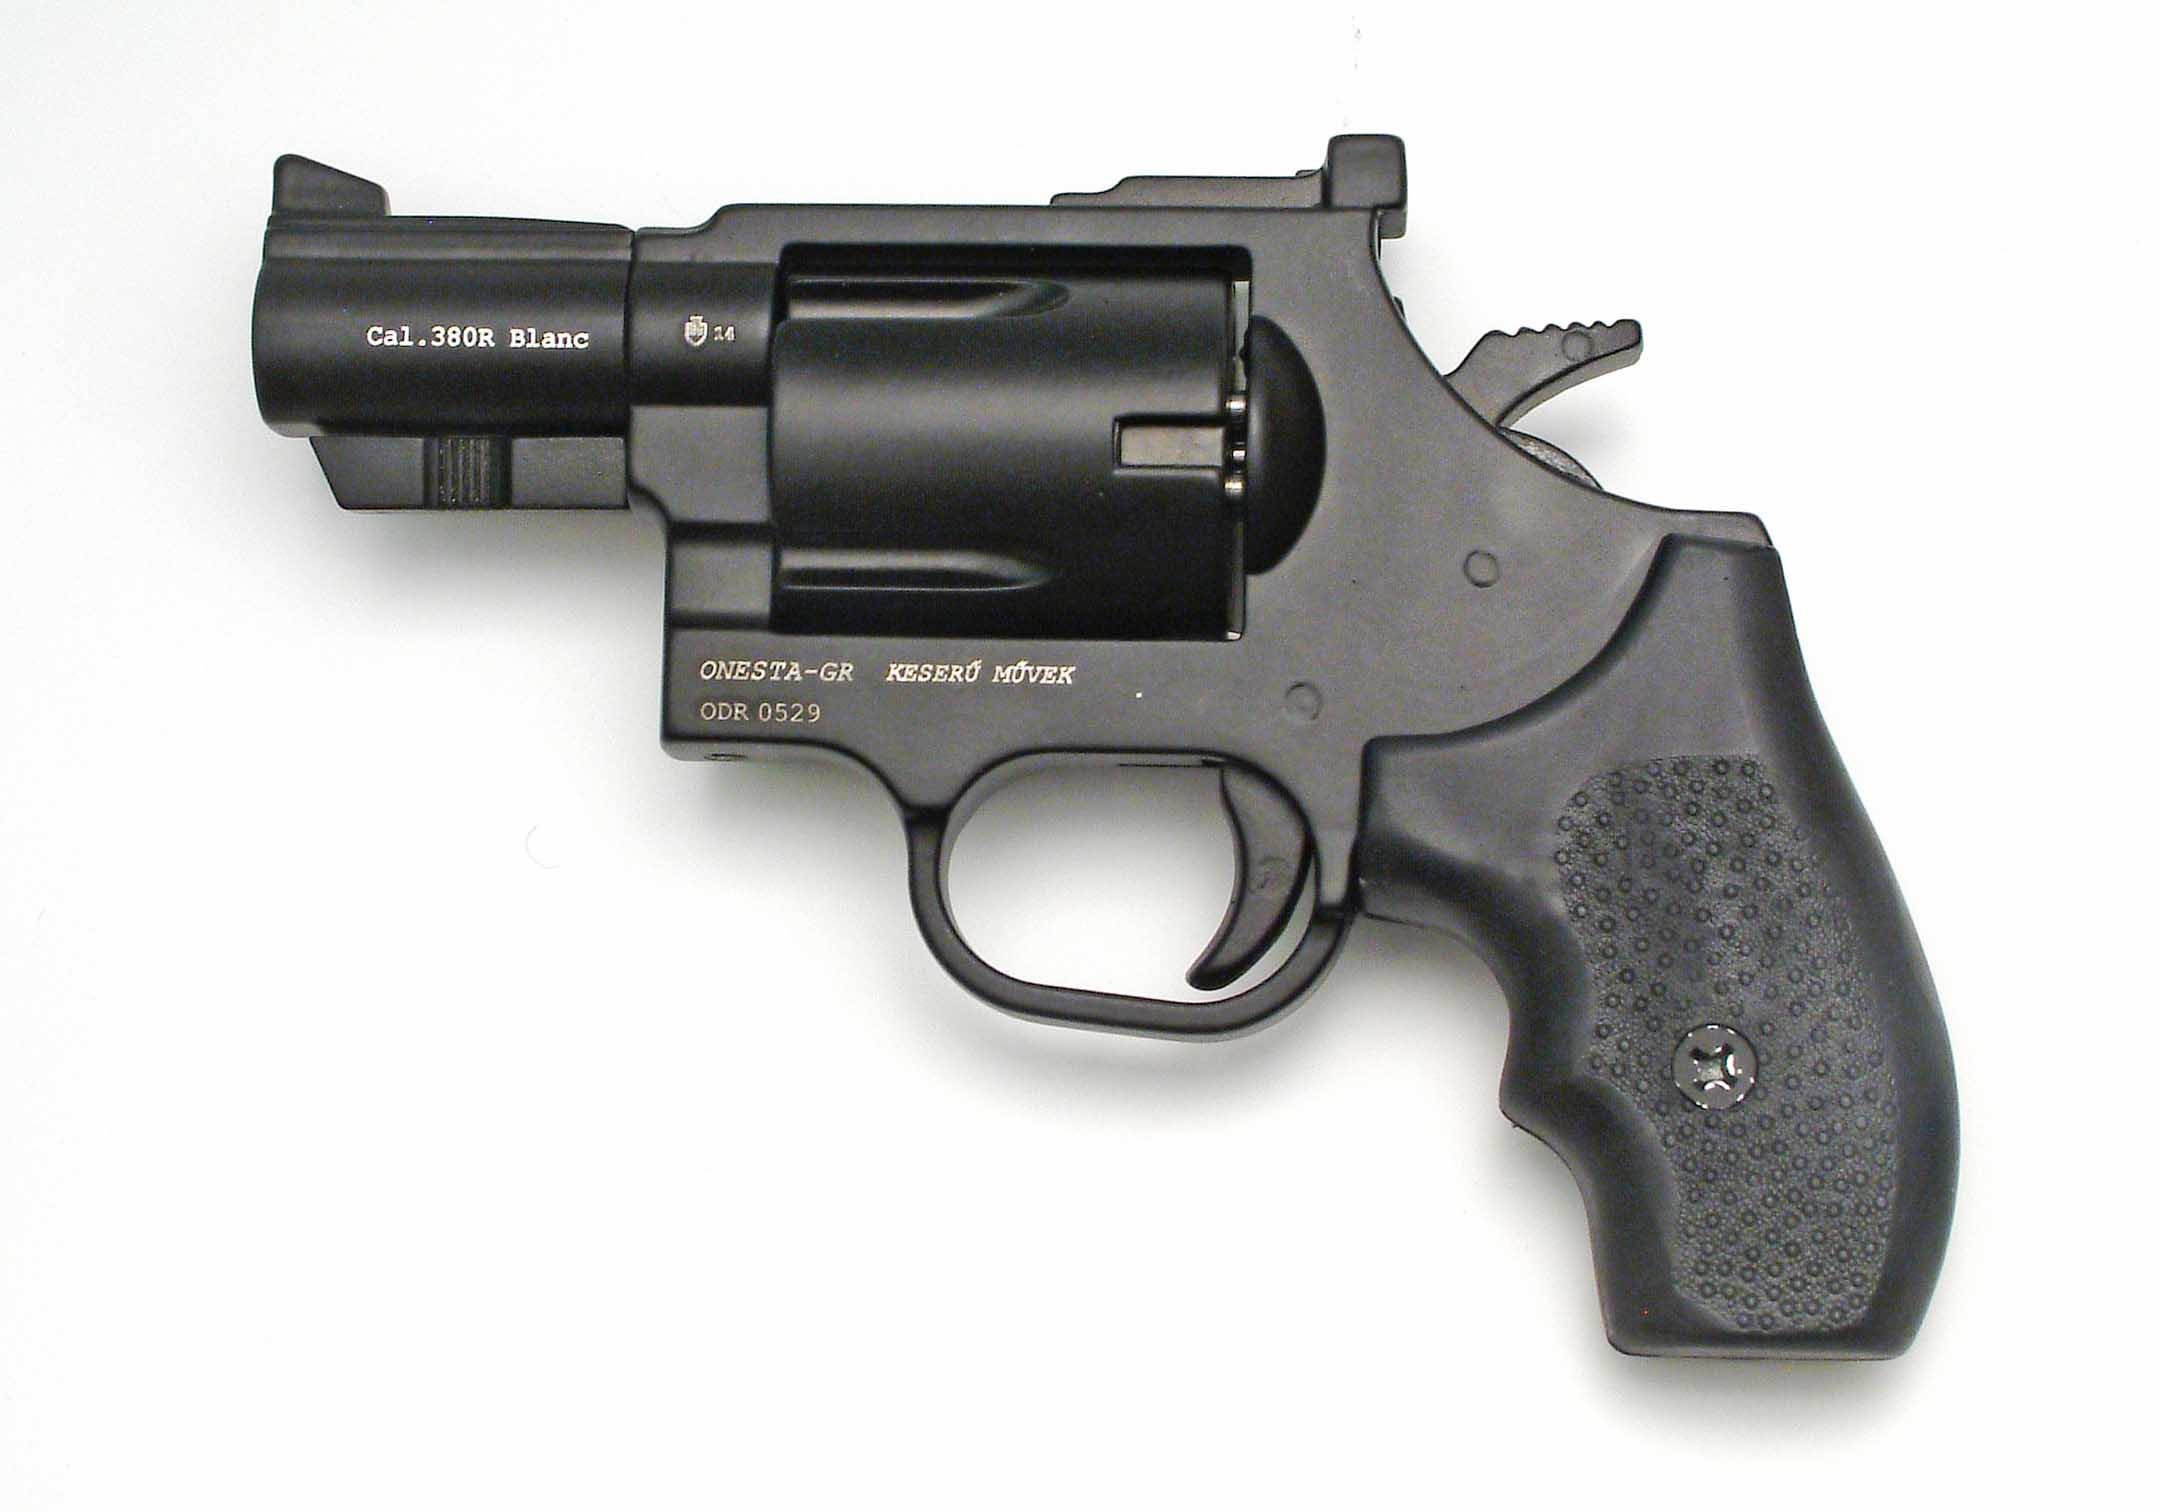 e229138a2660 Gumilövedékes fegyverek | Daisy fegyverbolt